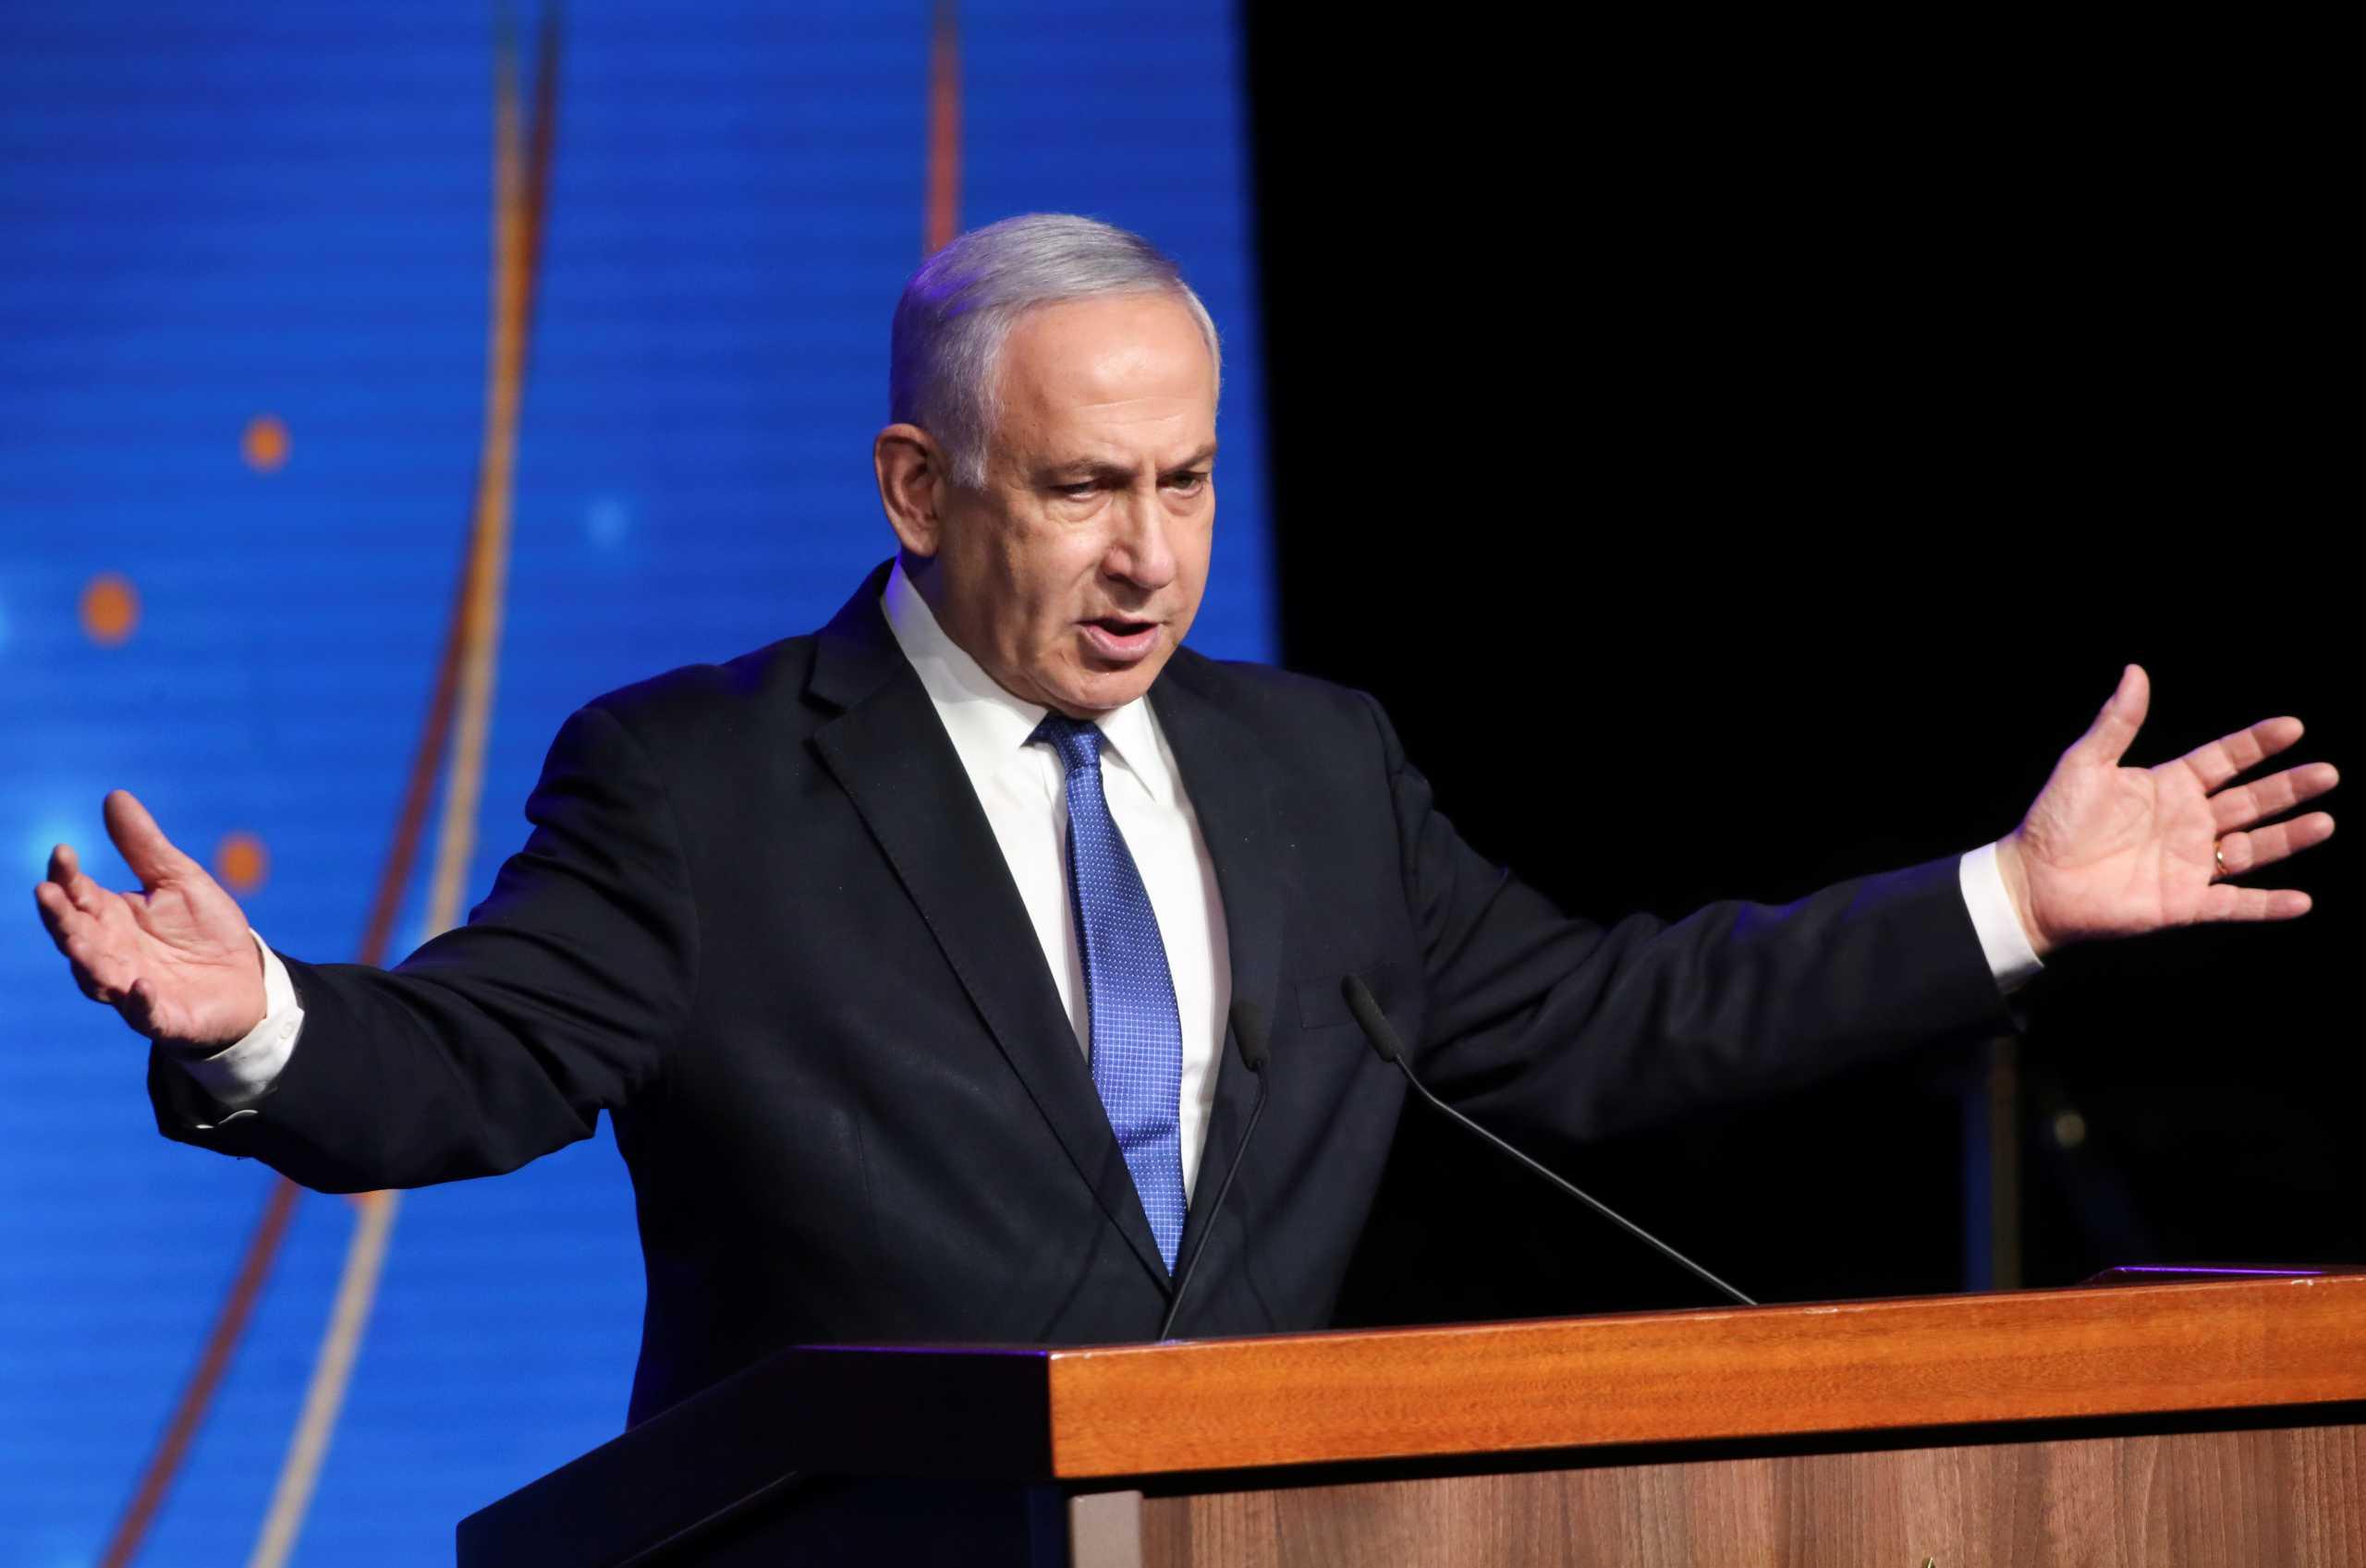 Ισραήλ: Η τελευταία εβδομάδα του Νετανιάχου στην εξουσία μετά από 12 χρόνια